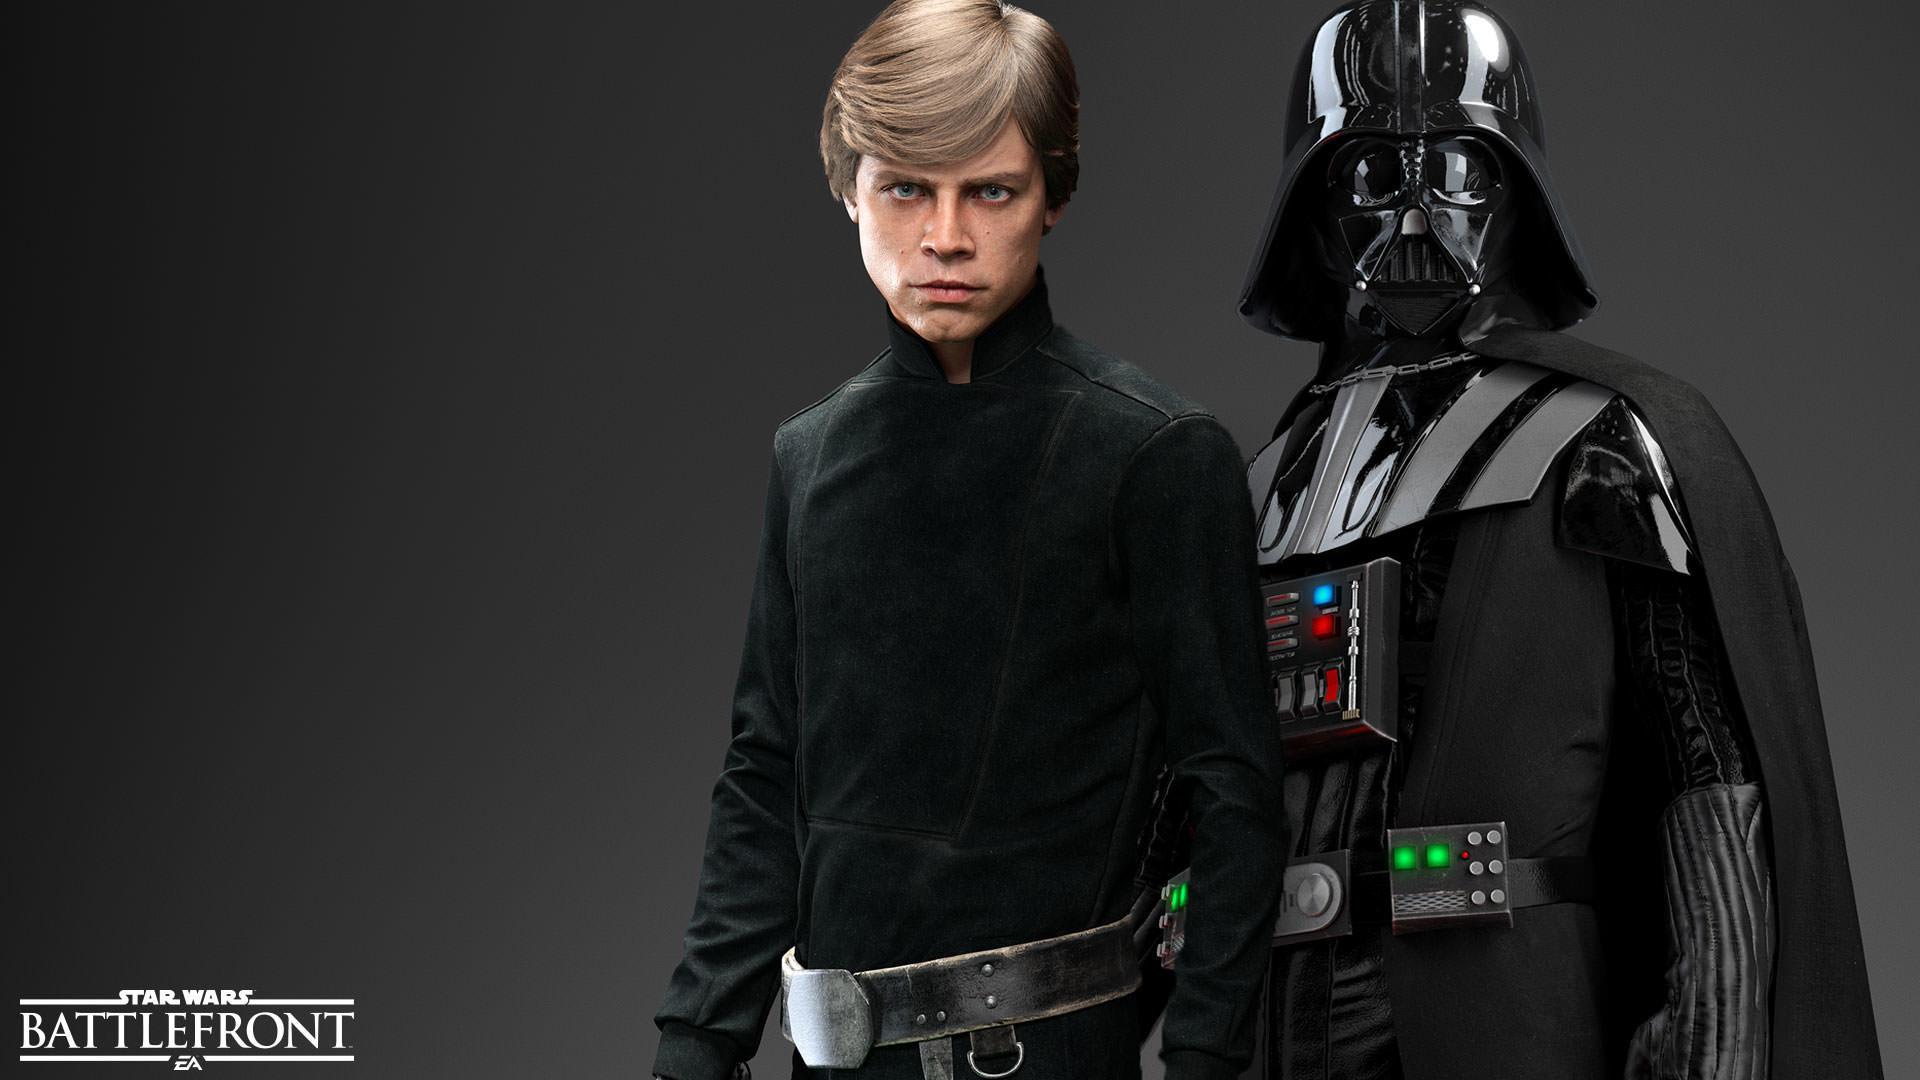 Anakin Skywalker Wallpaper Iphone Many HD